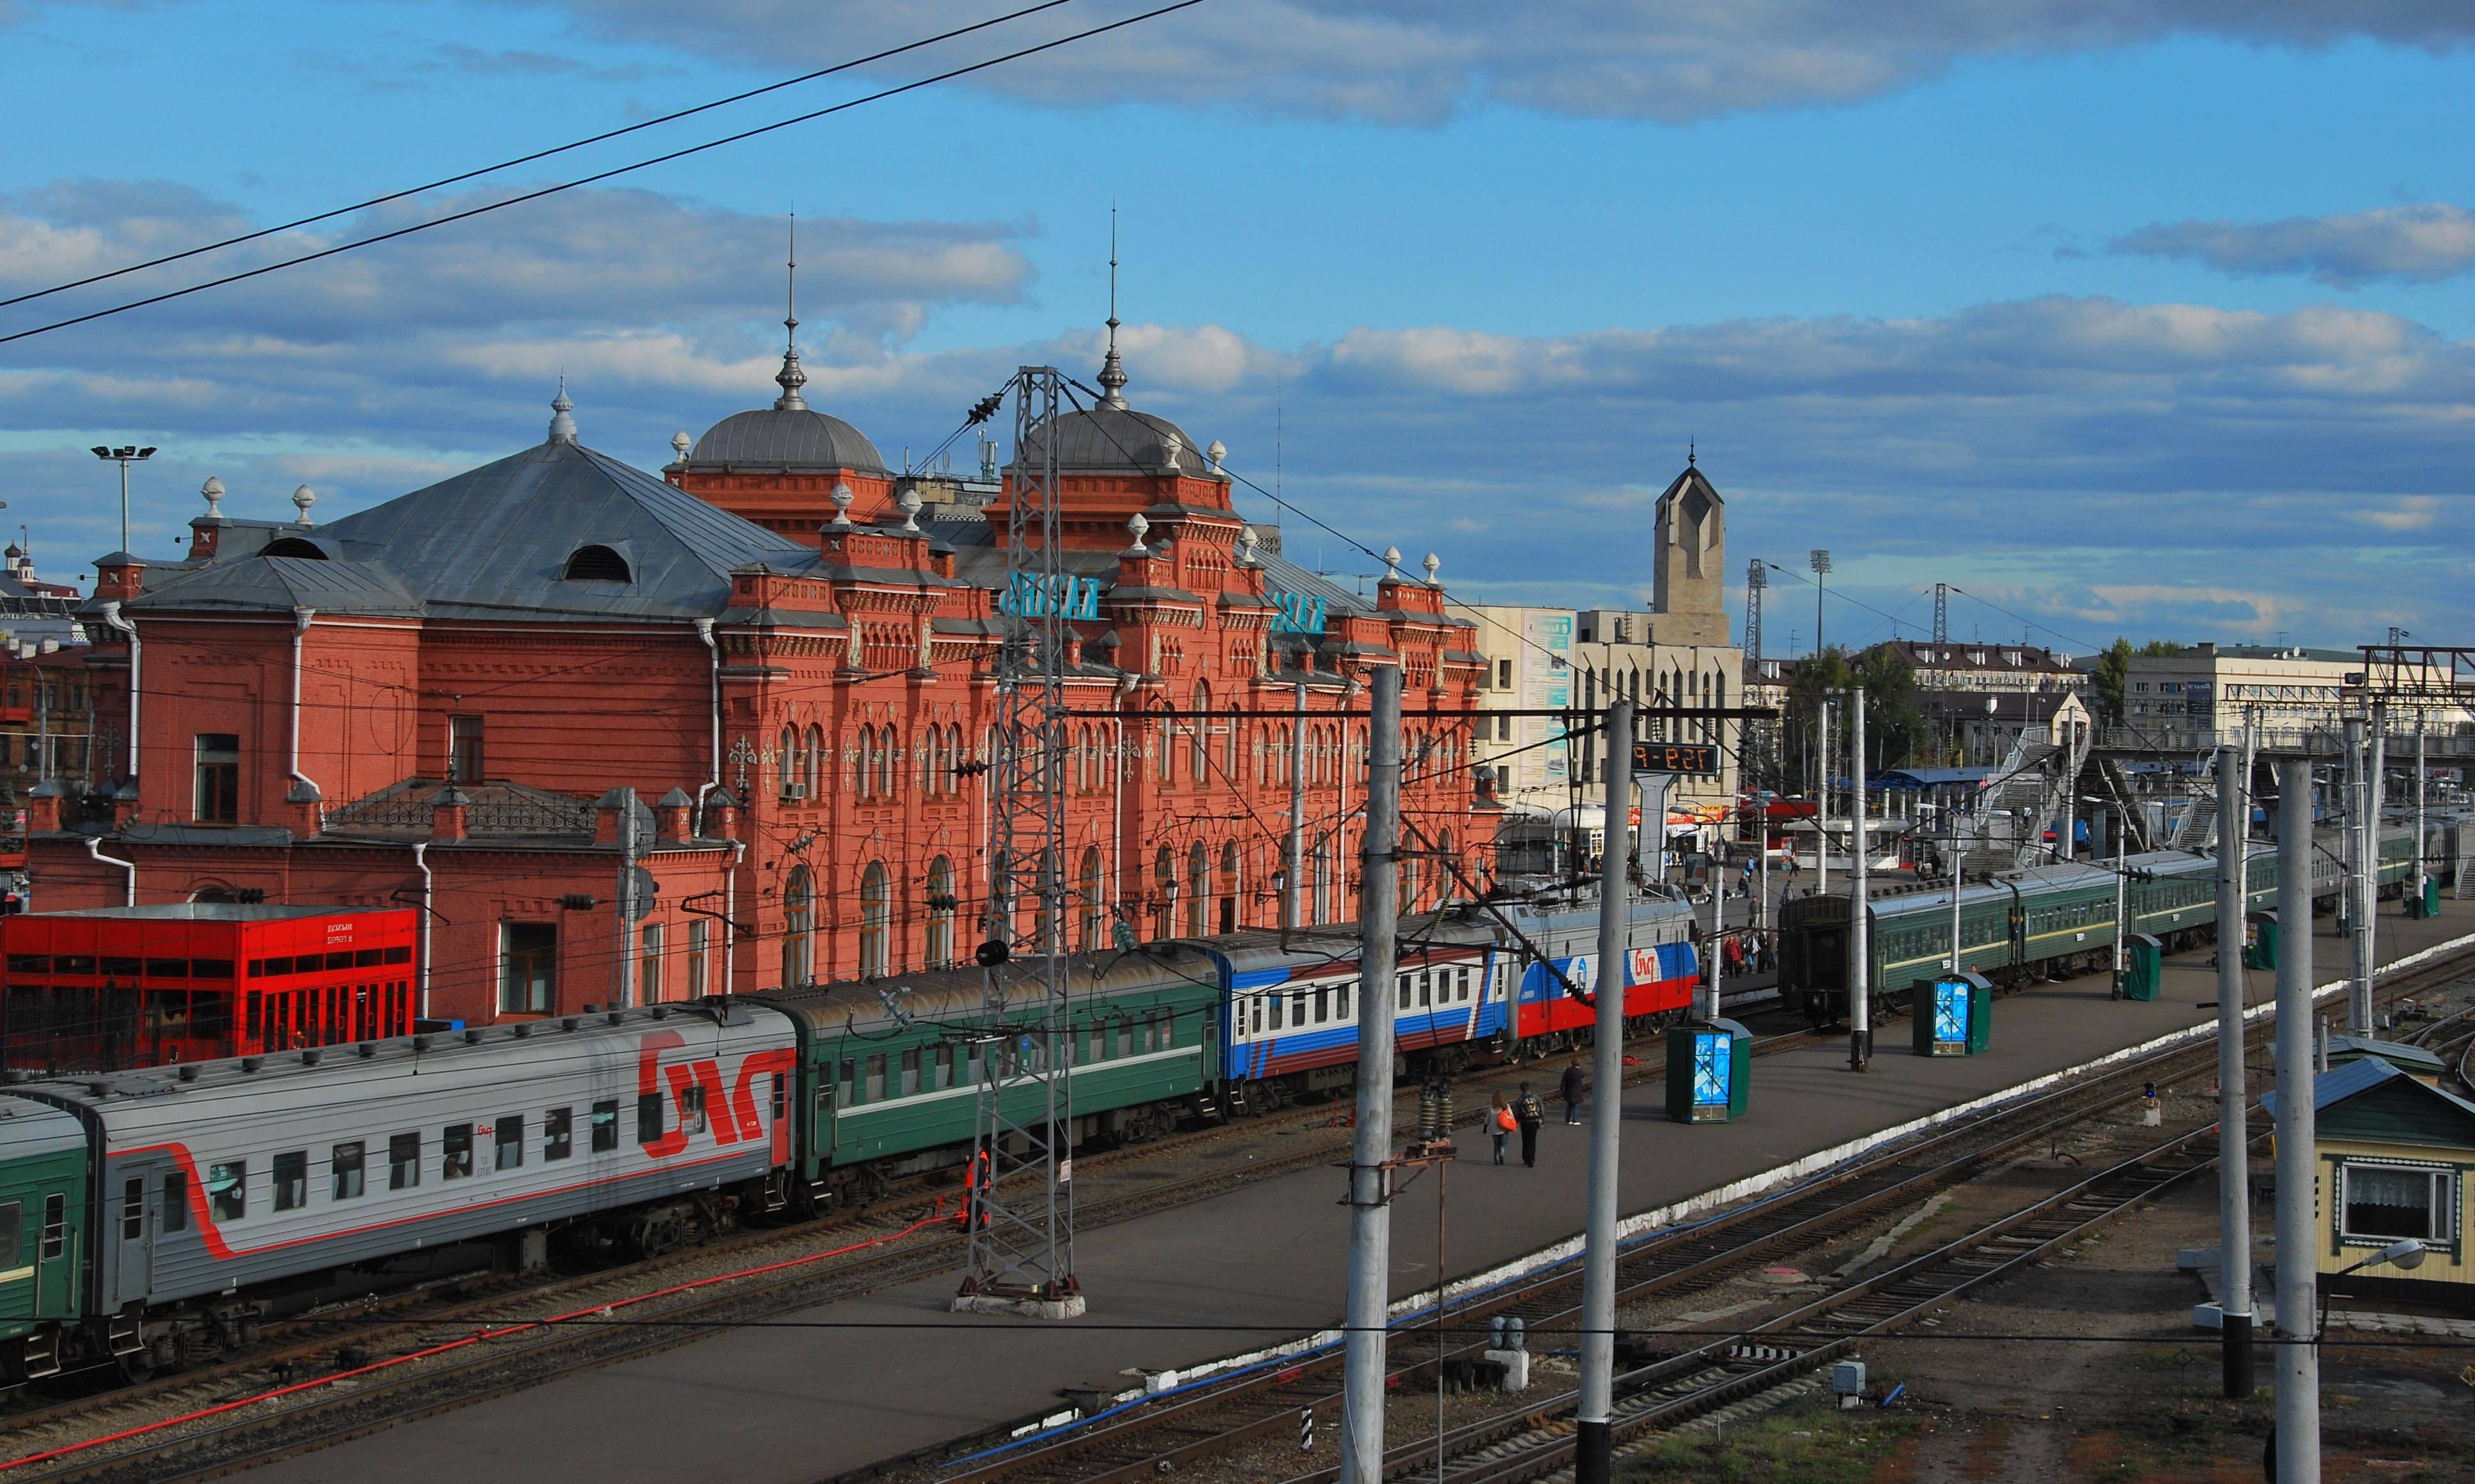 Система звукового оповещения наанглийском ирусском языках появится наказанском вокзале